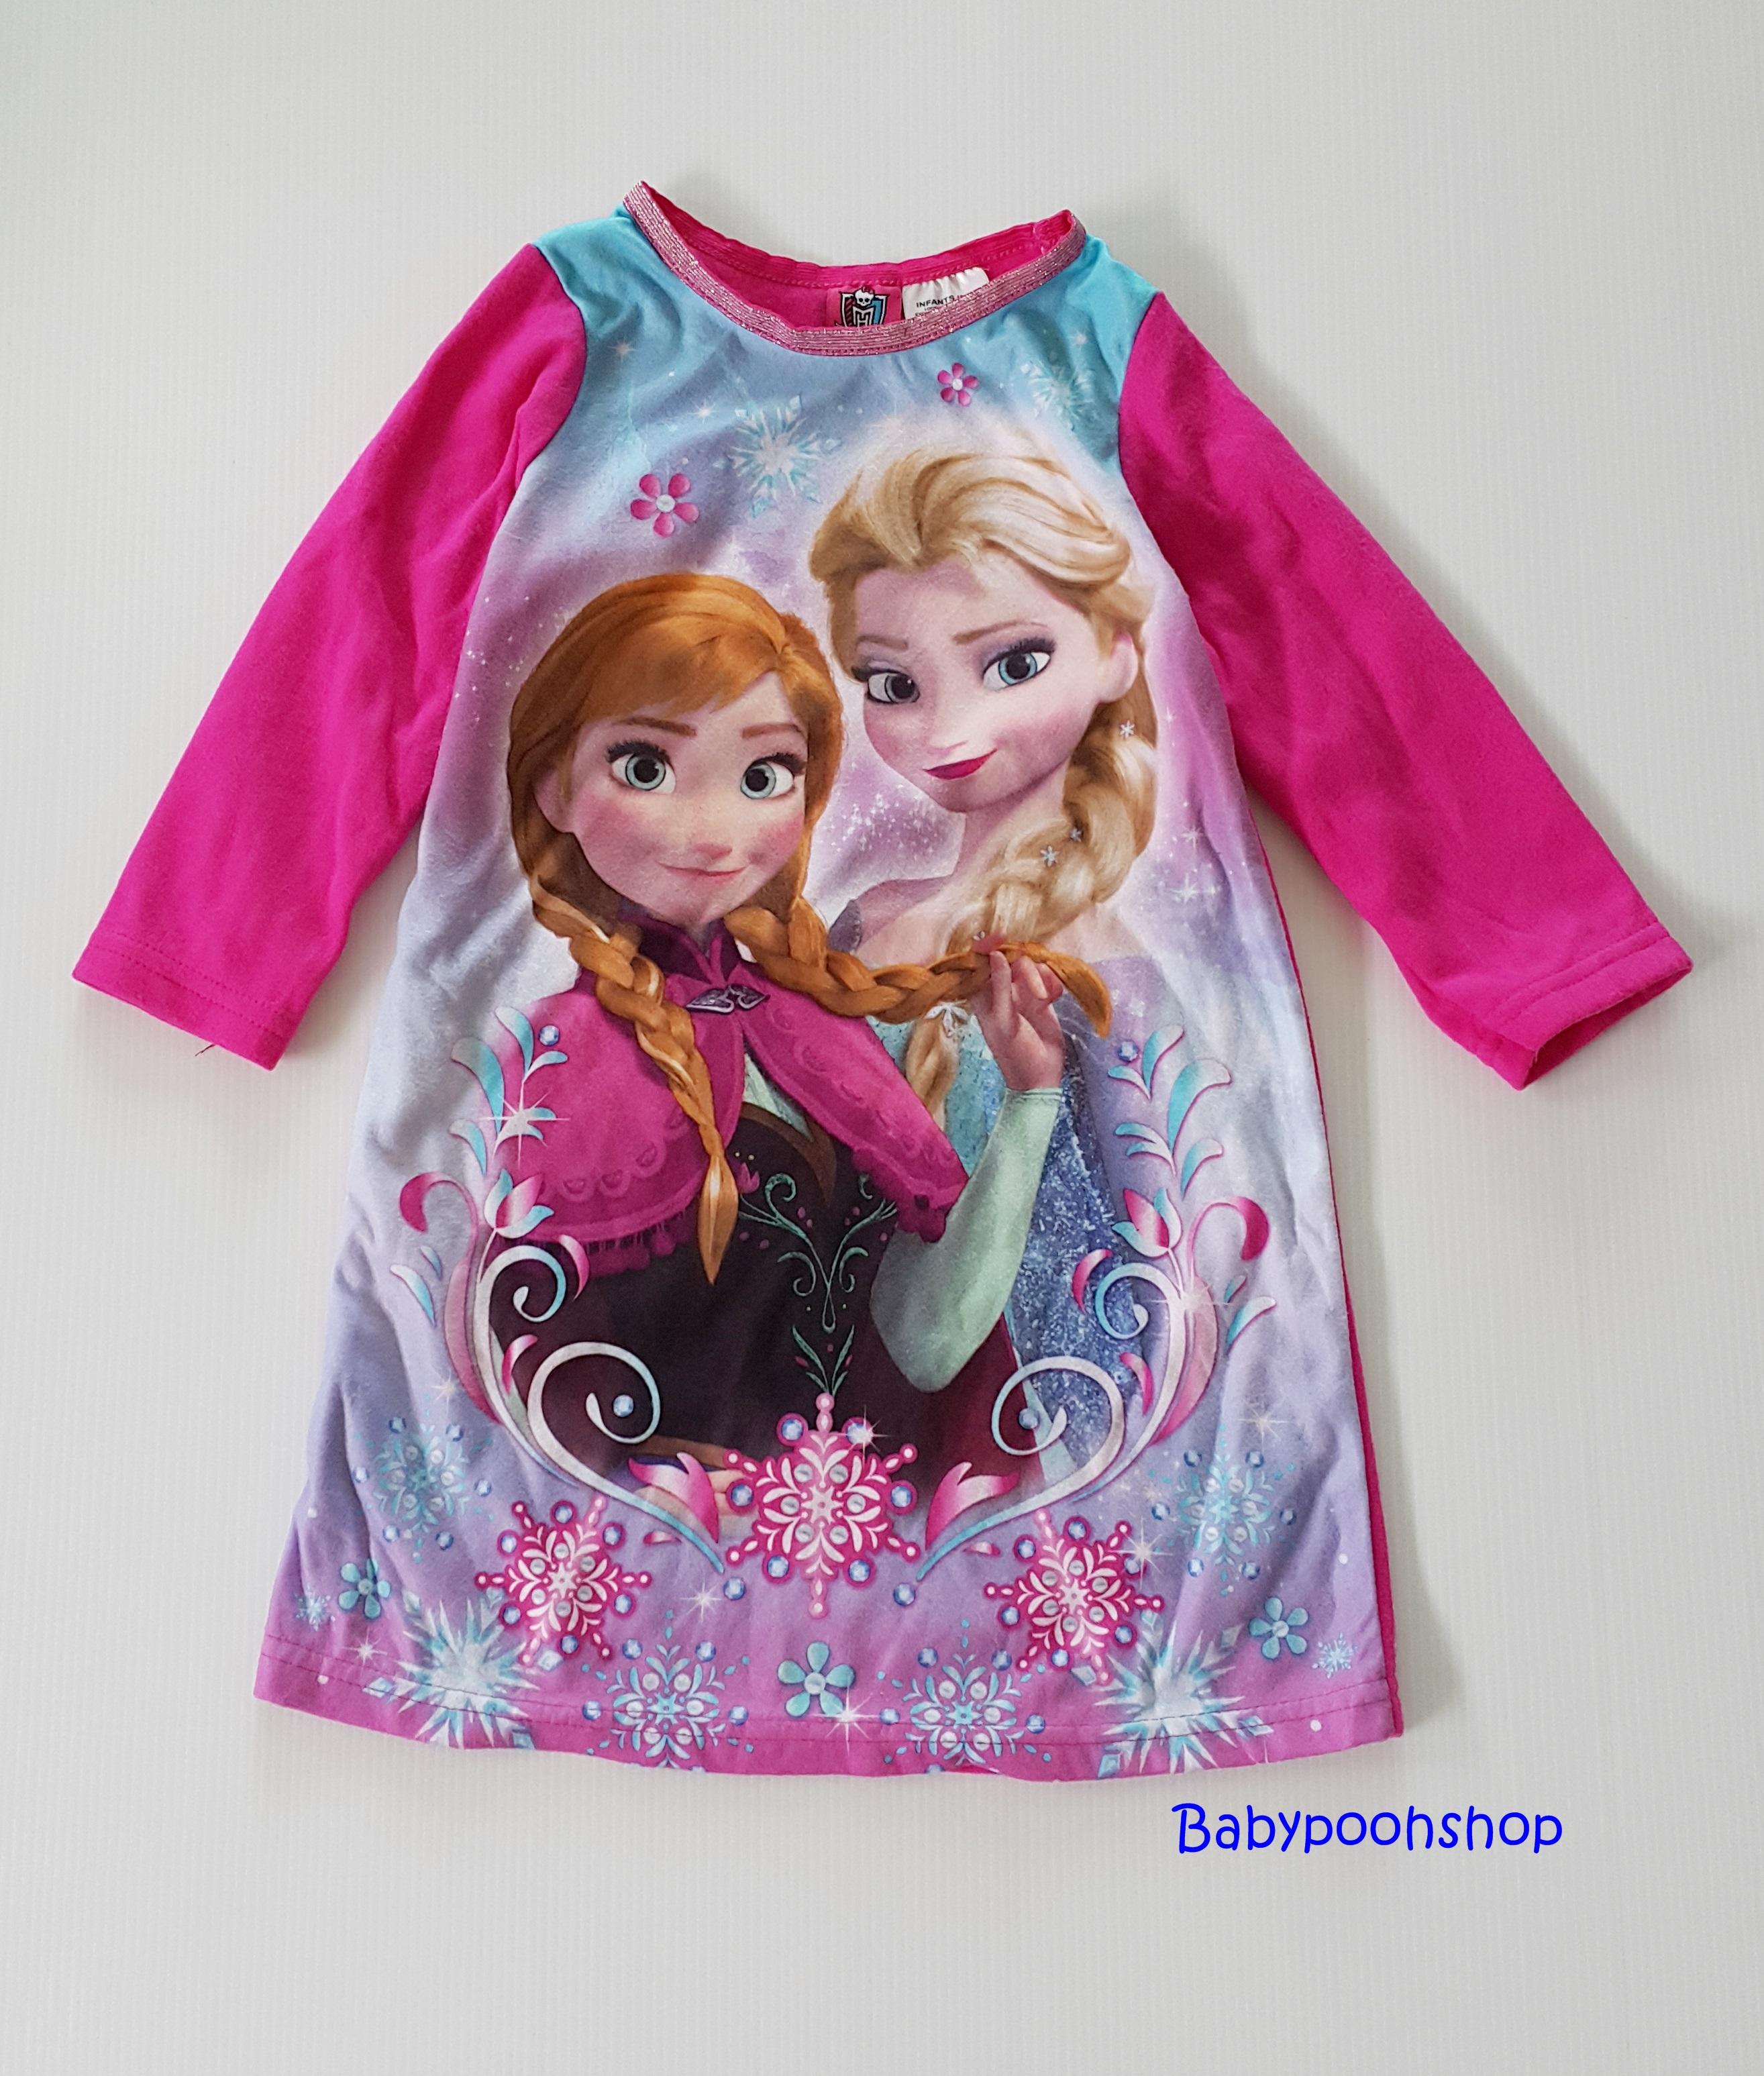 Disney : ชุดนอนแขนยาว ผ้าสำลี พิมพ์ลายเจ้าหญิงแอนนา เอลซ่า สีชมพูเข้ม size : 12m / 24m